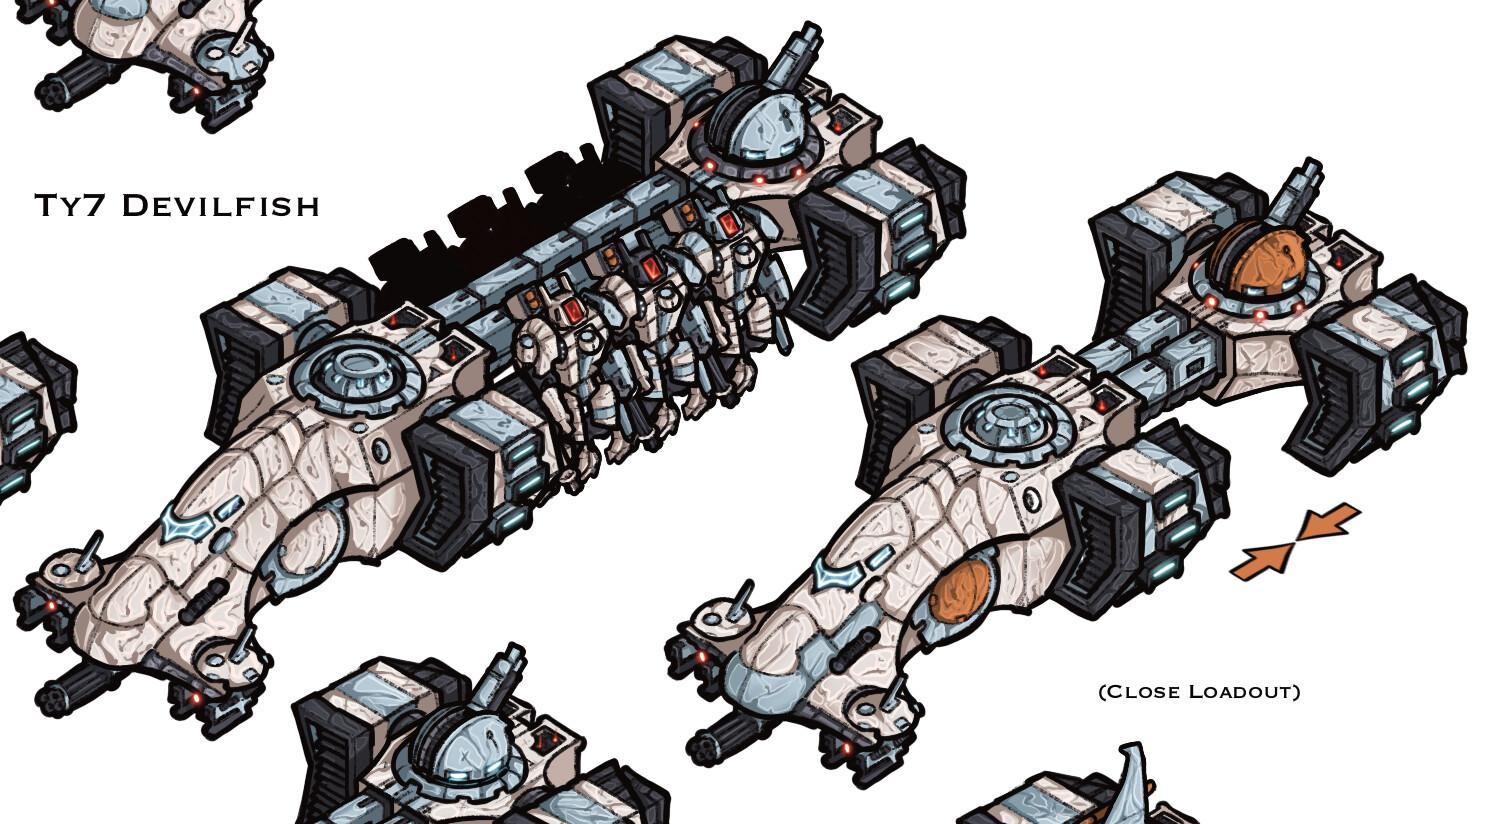 Ty10 Sky Eel - Multi-utility transport